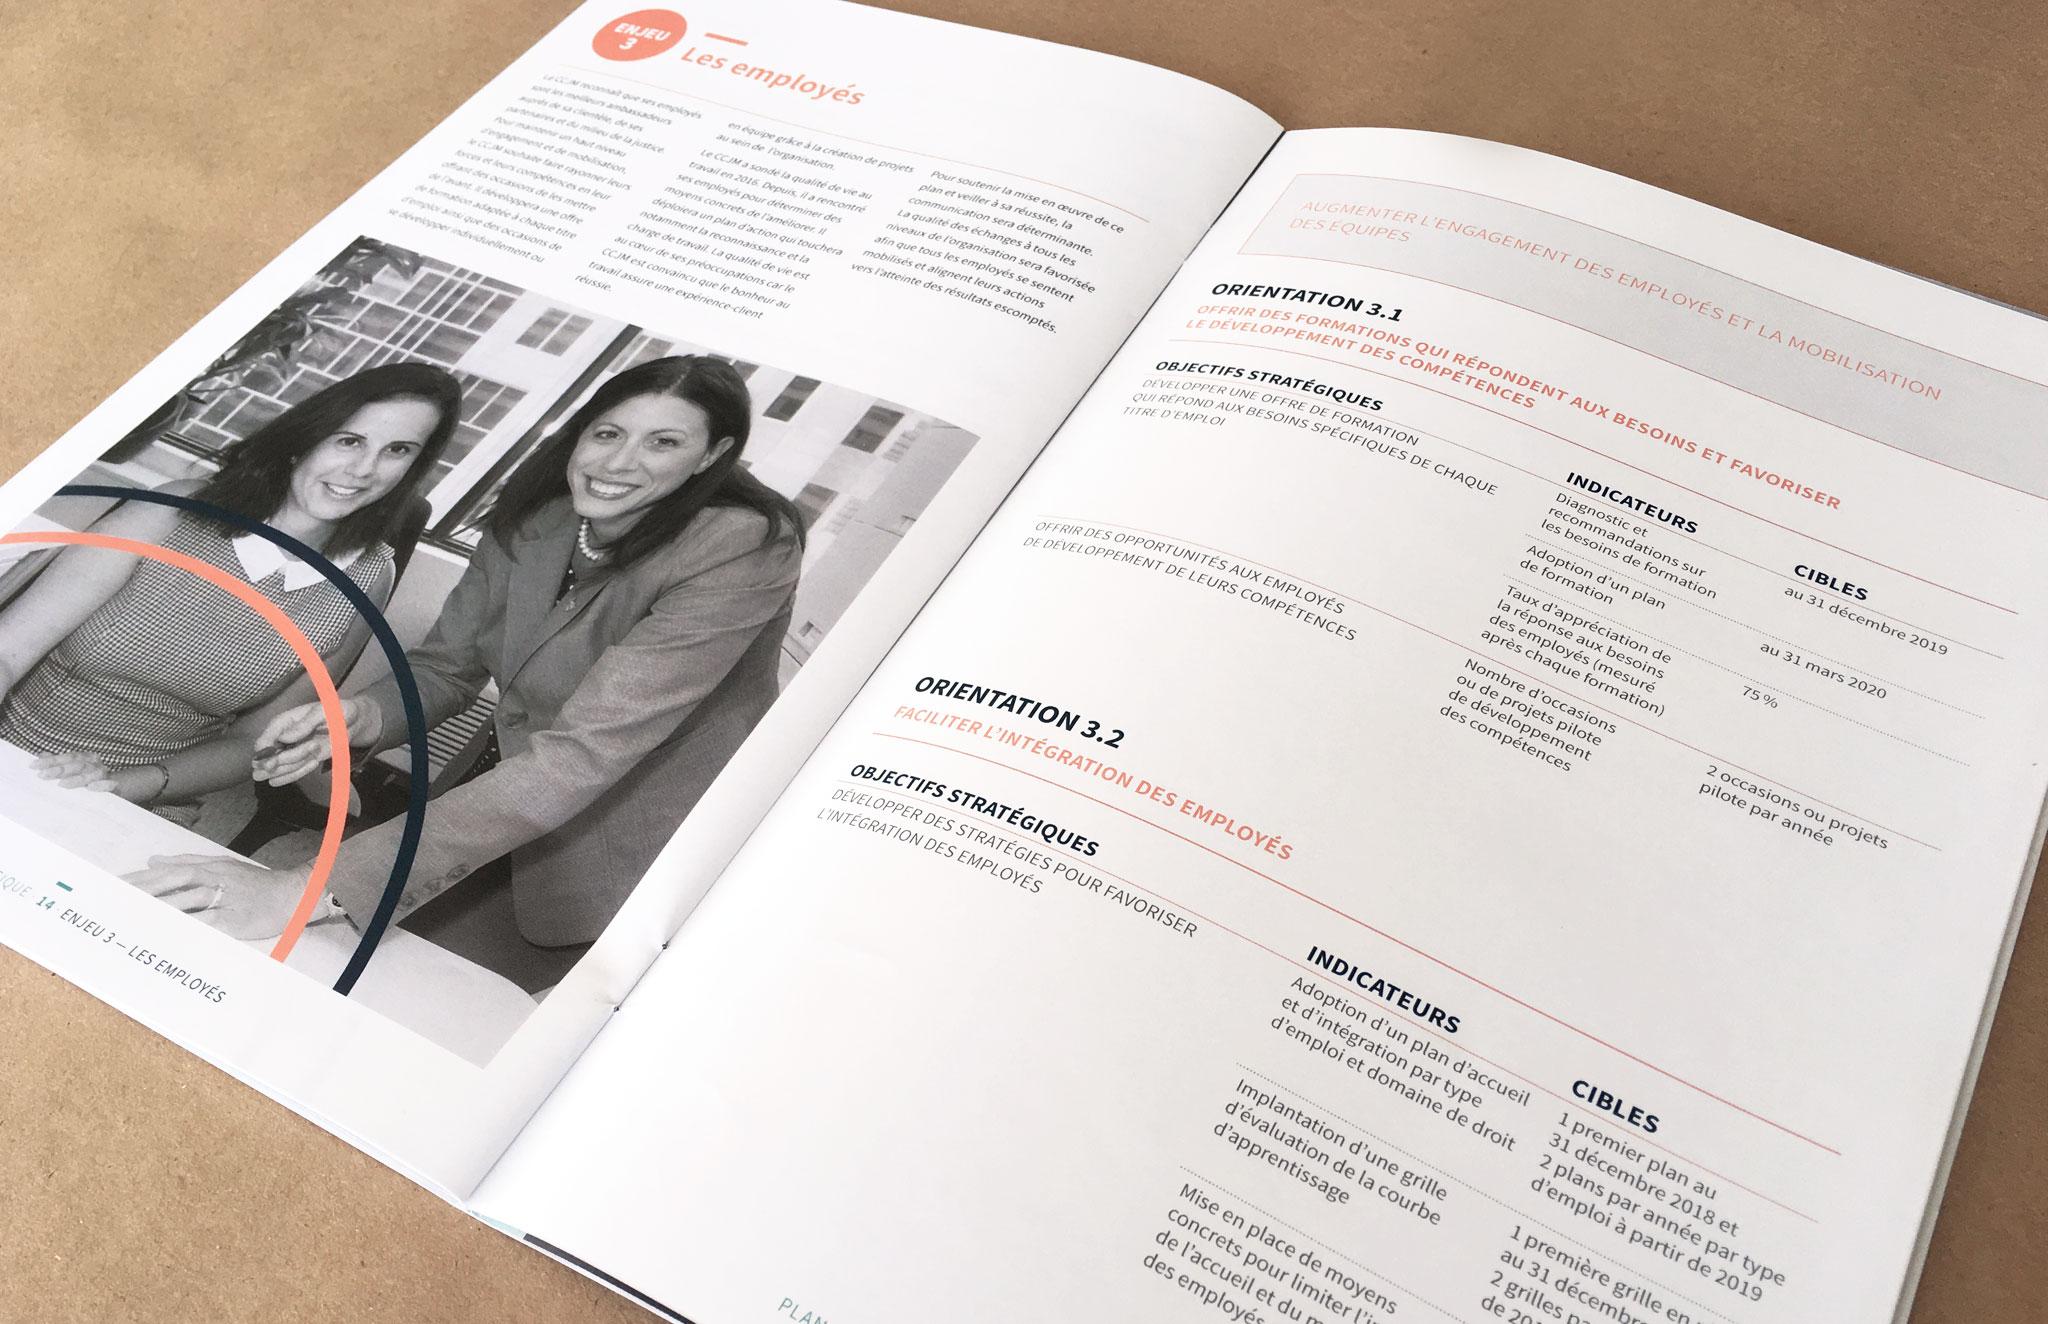 CCJM - Centre communautaire juridique de Montréal nouvelle ligne graphique et outils corporatifs.